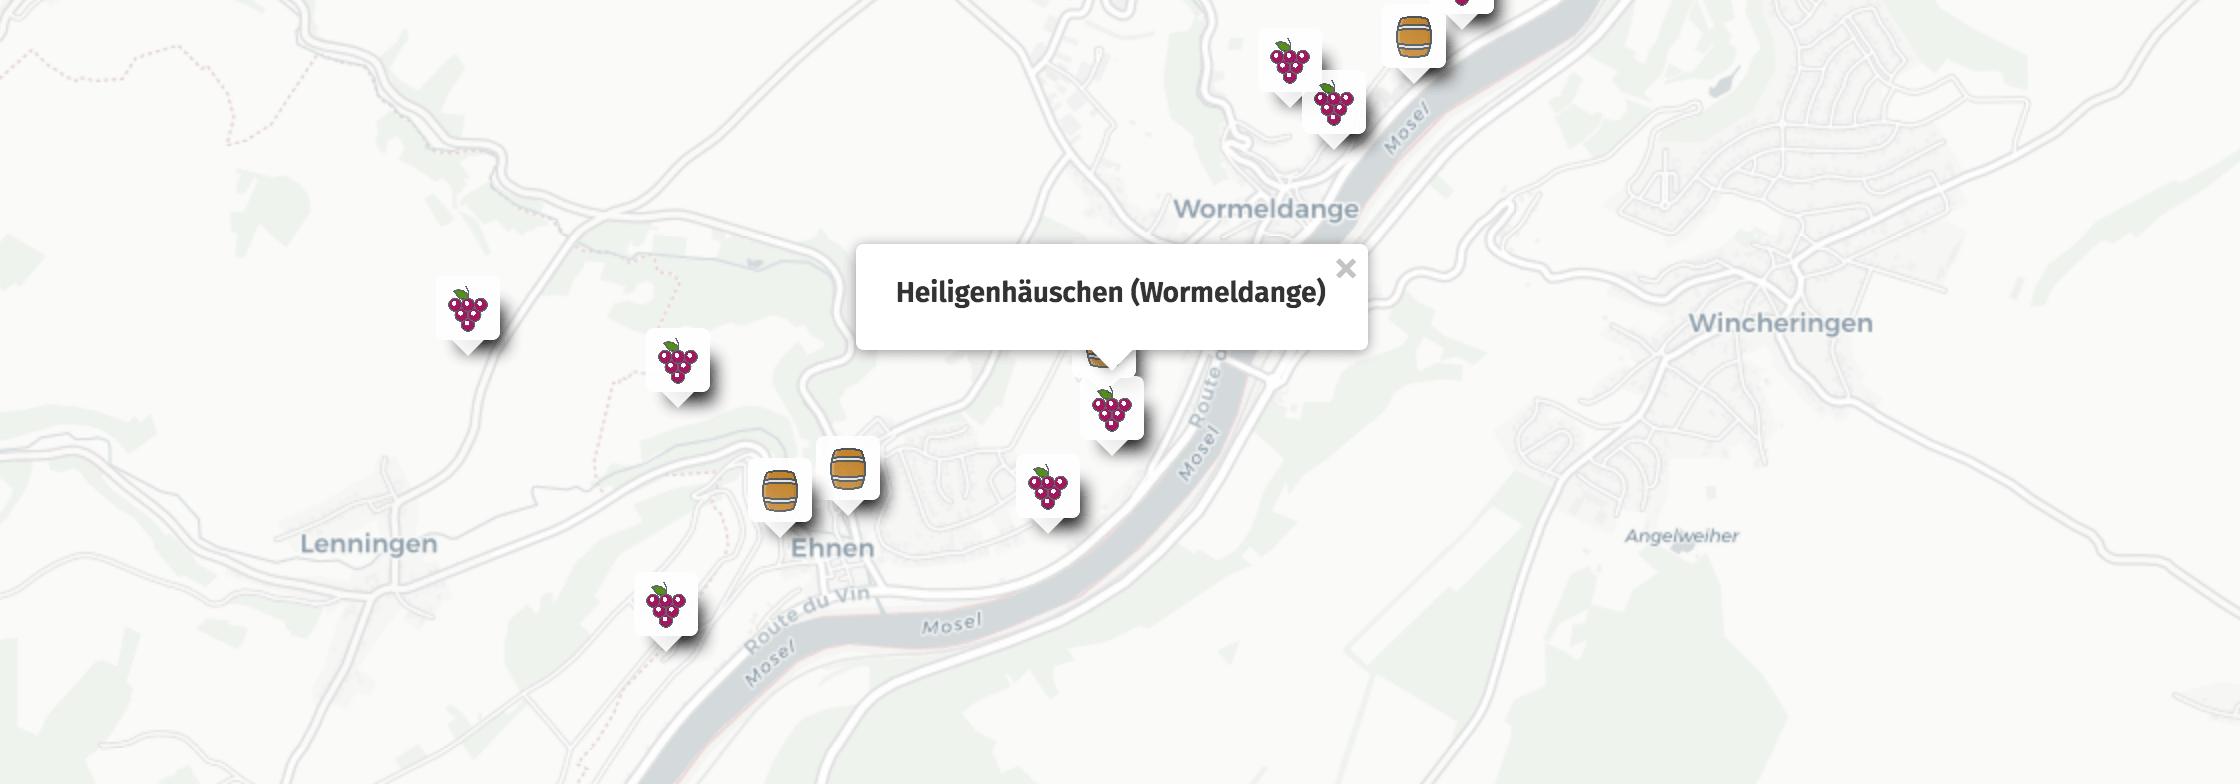 Geolocalisation des vins du Heiligenhäuschen à Wormeldange